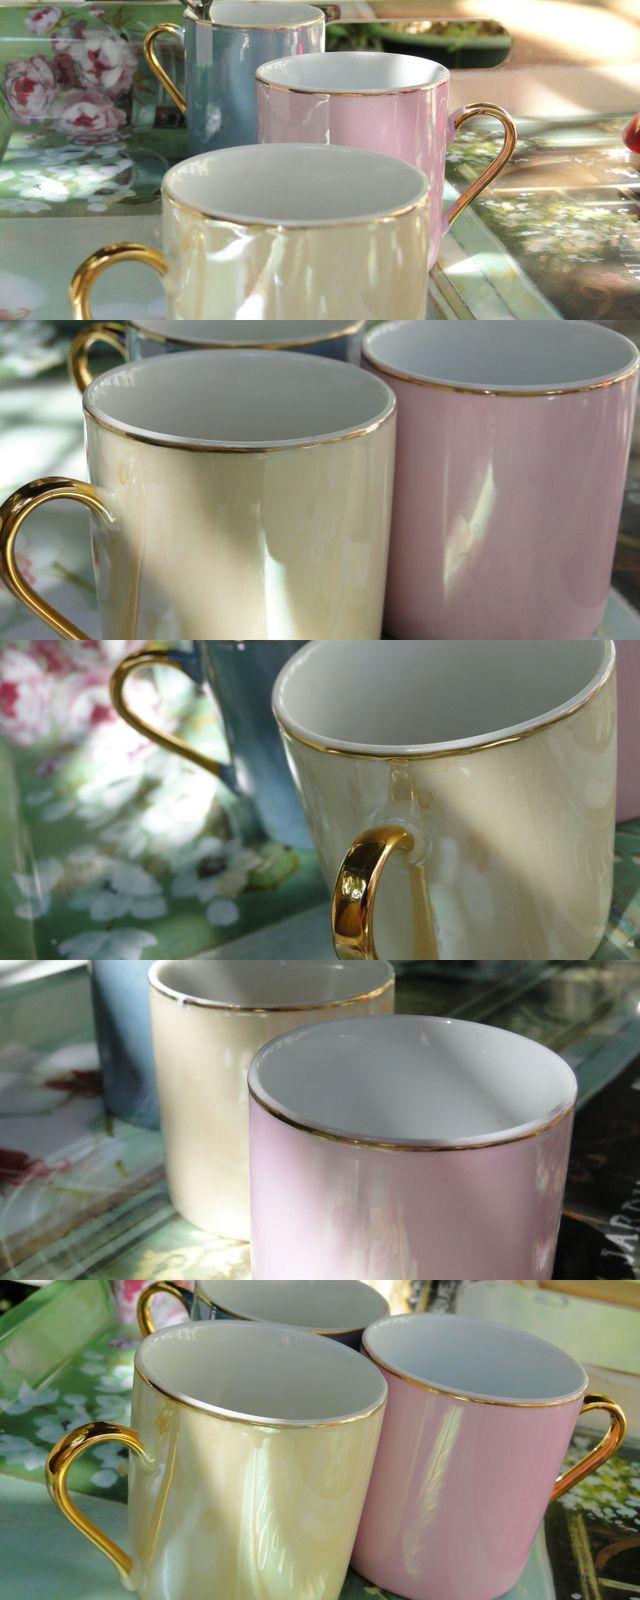 tasses à café chic roses et blanc cassé